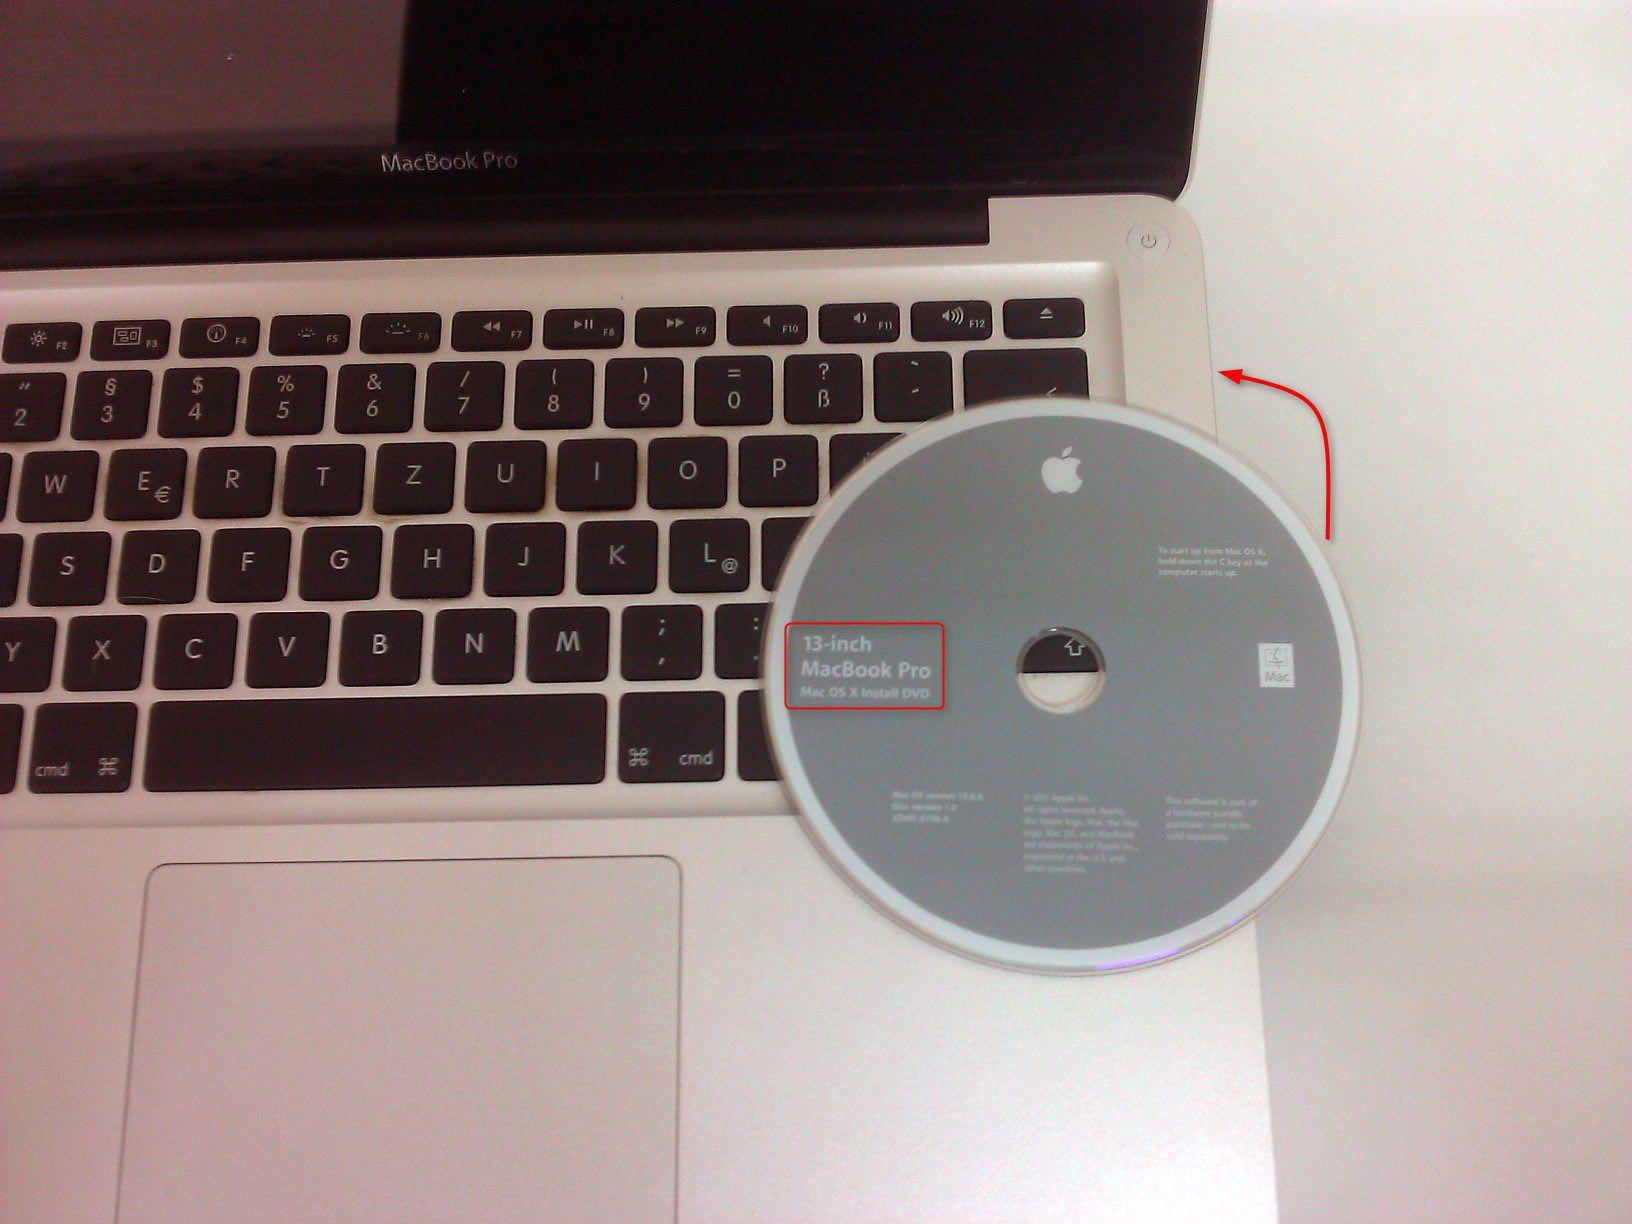 11-So-gehts-MacBook-Pro-mit-SSD-nachruesten-OSX-DVD-einlegen-470.jpg?nocache=1318607764439